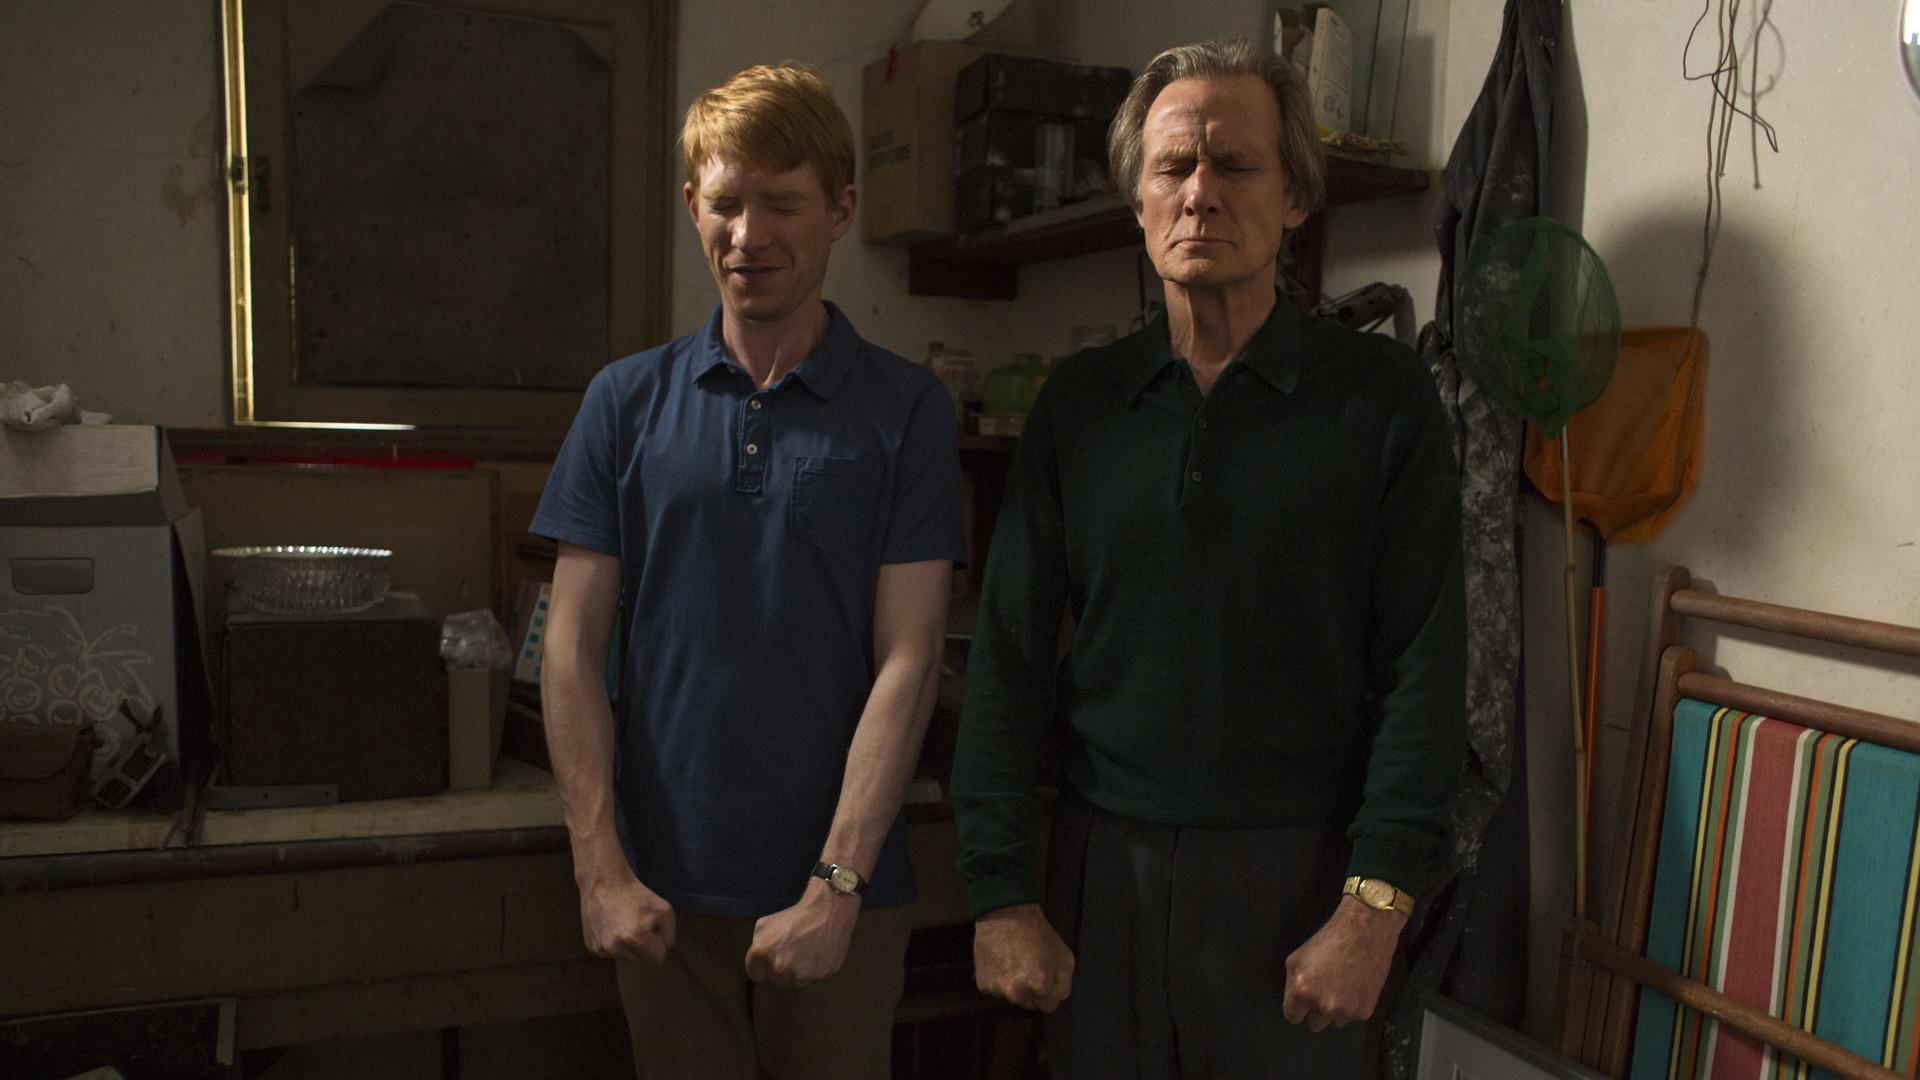 Yesterday « NRK Filmpolitiet - alt om film, spill og tv-serier